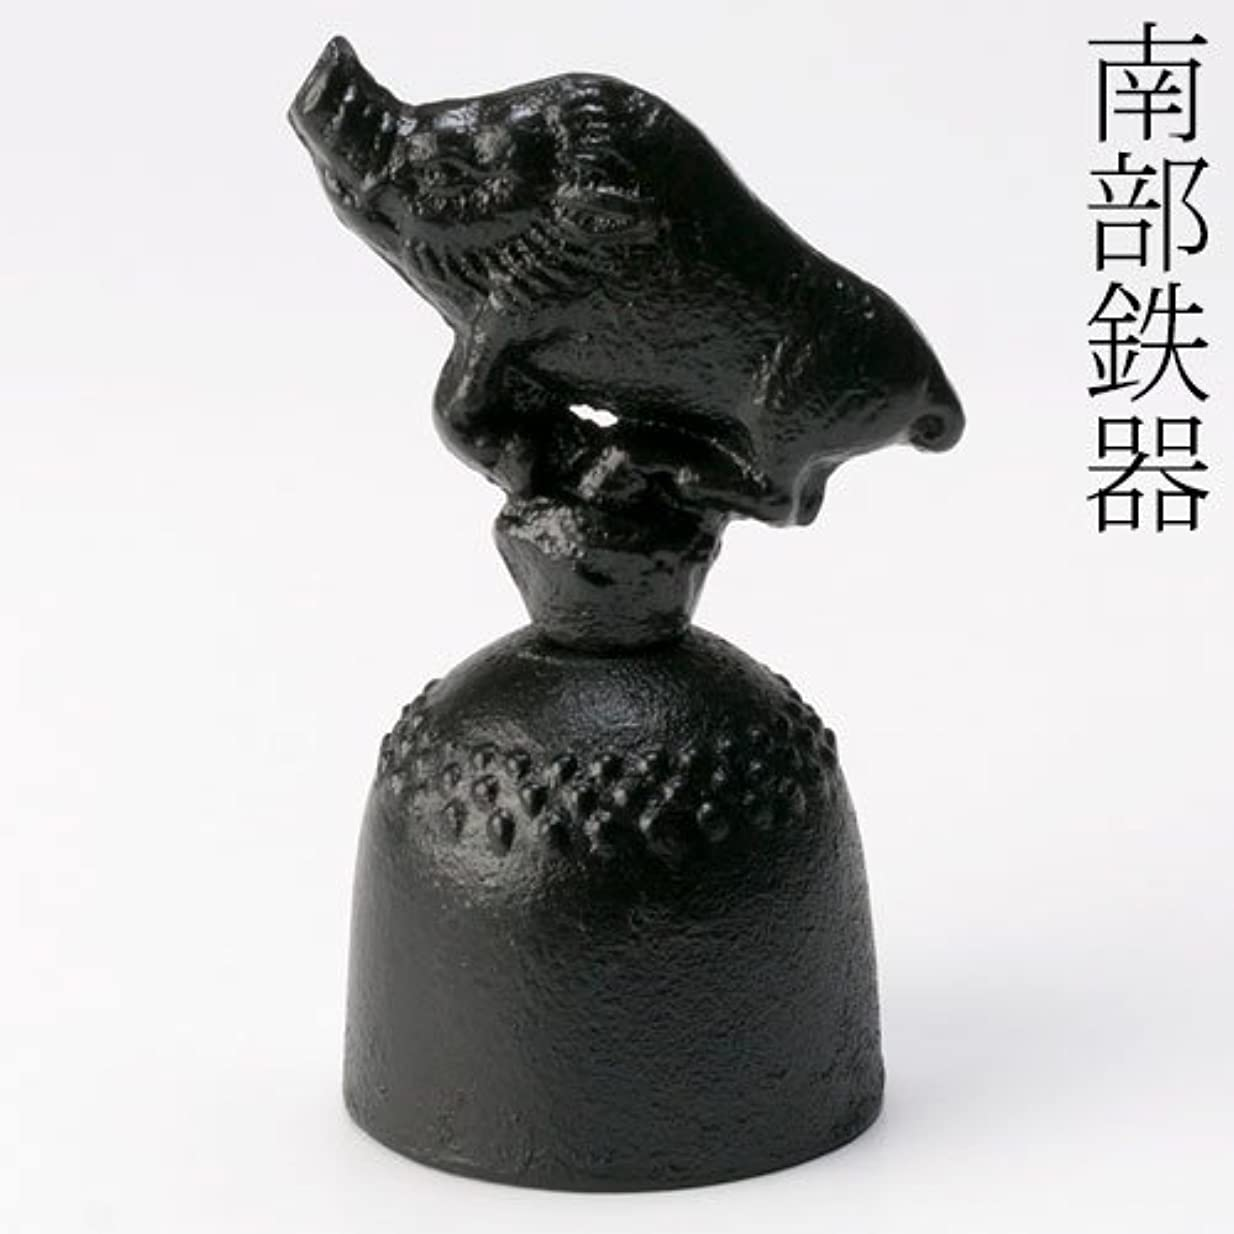 花瓶カカドゥ怪物【ノーブランド品】南部鉄器干支の卓鈴?呼鈴(卓上ベル)十二支:亥ペーパーウェイトにも